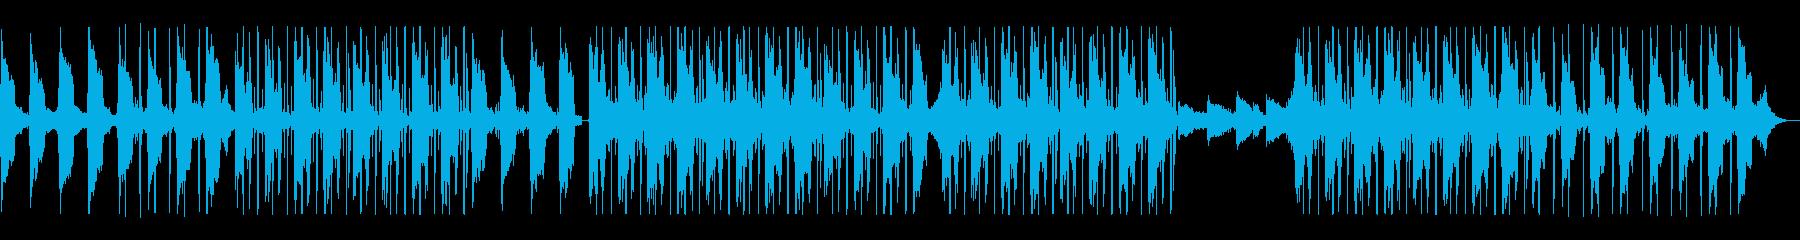 夢の中、波の音、メロウHIPHOPビートの再生済みの波形